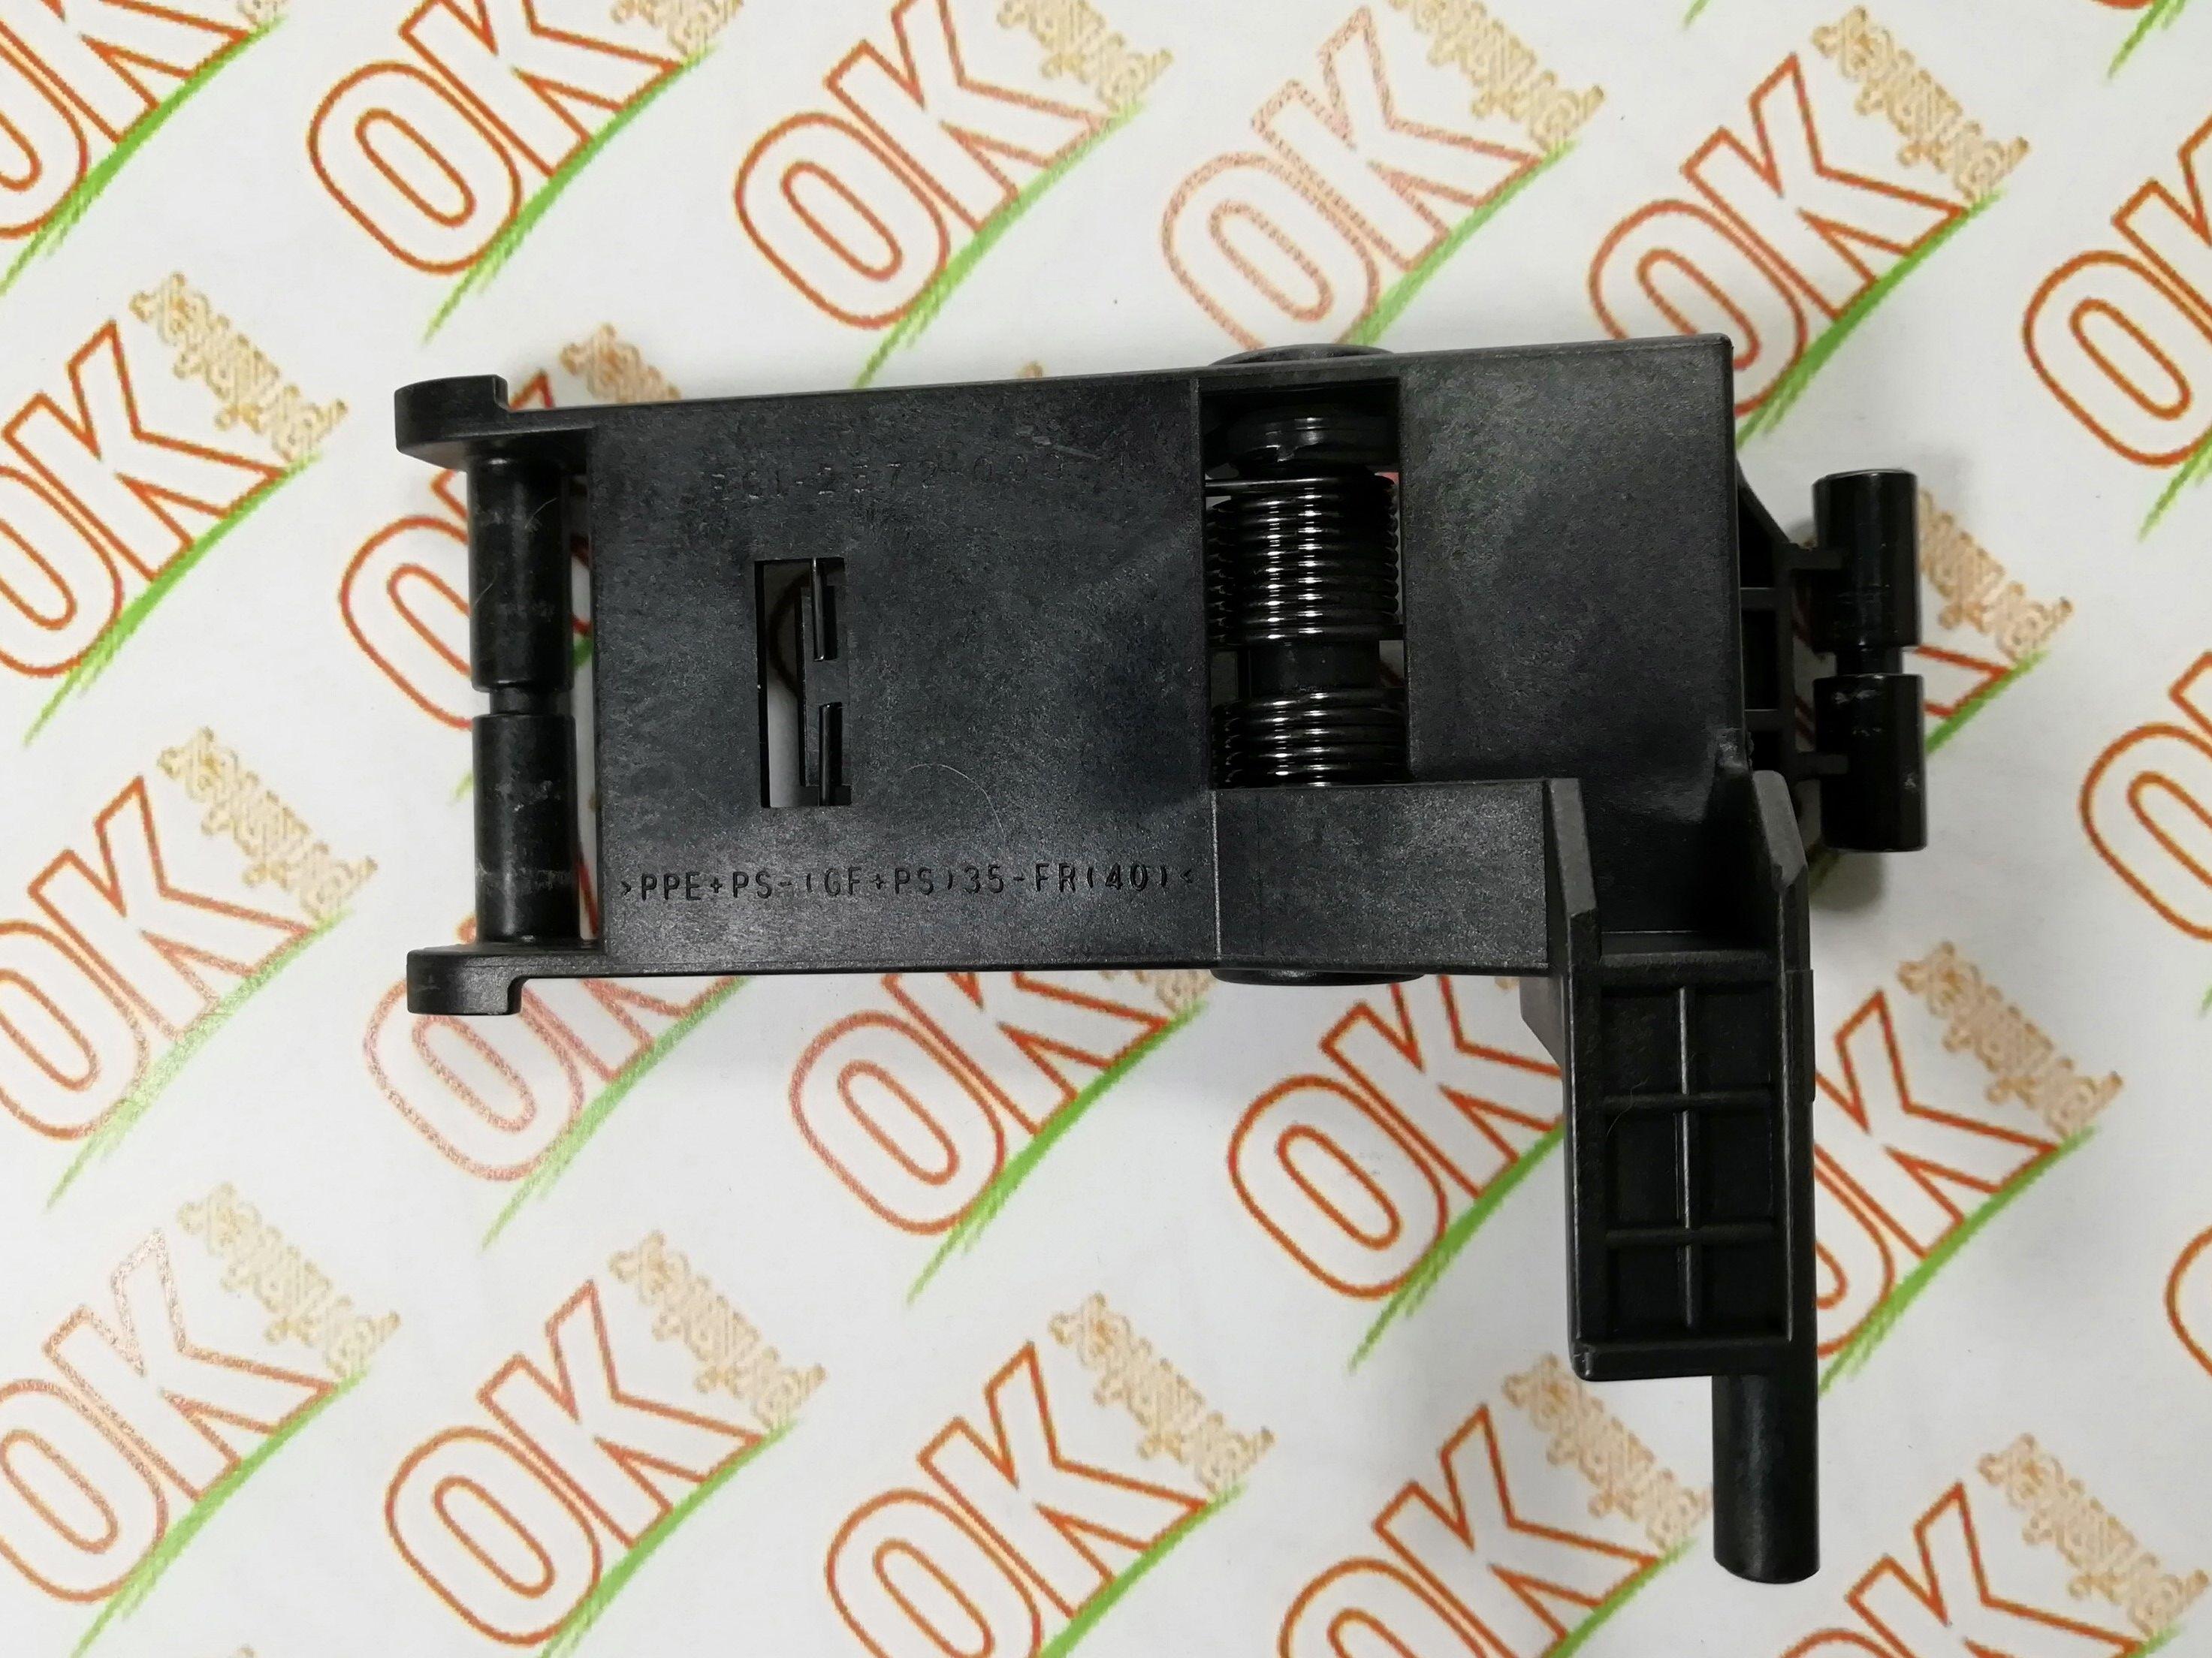 Фото товараШарнір (кронштейн) кріплення HP LaserJet M1522nf, 3055, 3015, 3050 RC1-2572